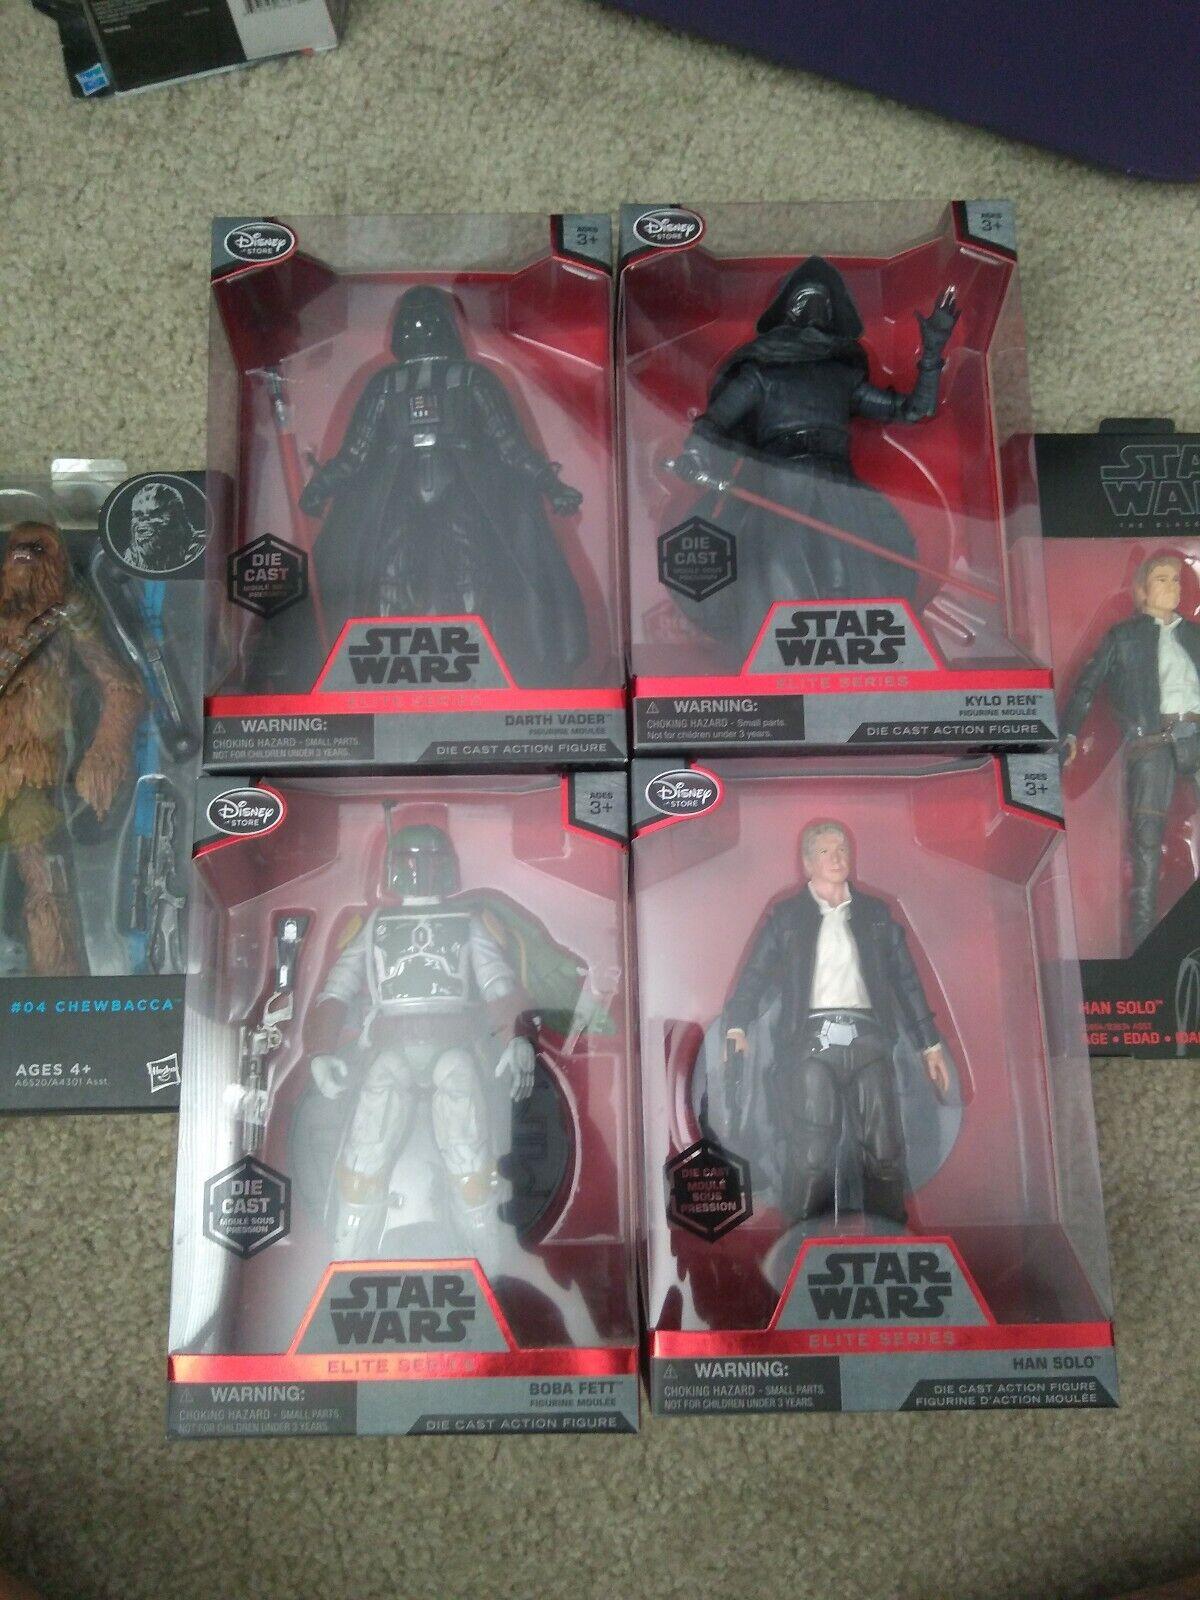 4 Stern wars elite diecast figures. Adding in Han Solo and chewebaca schwarz serie